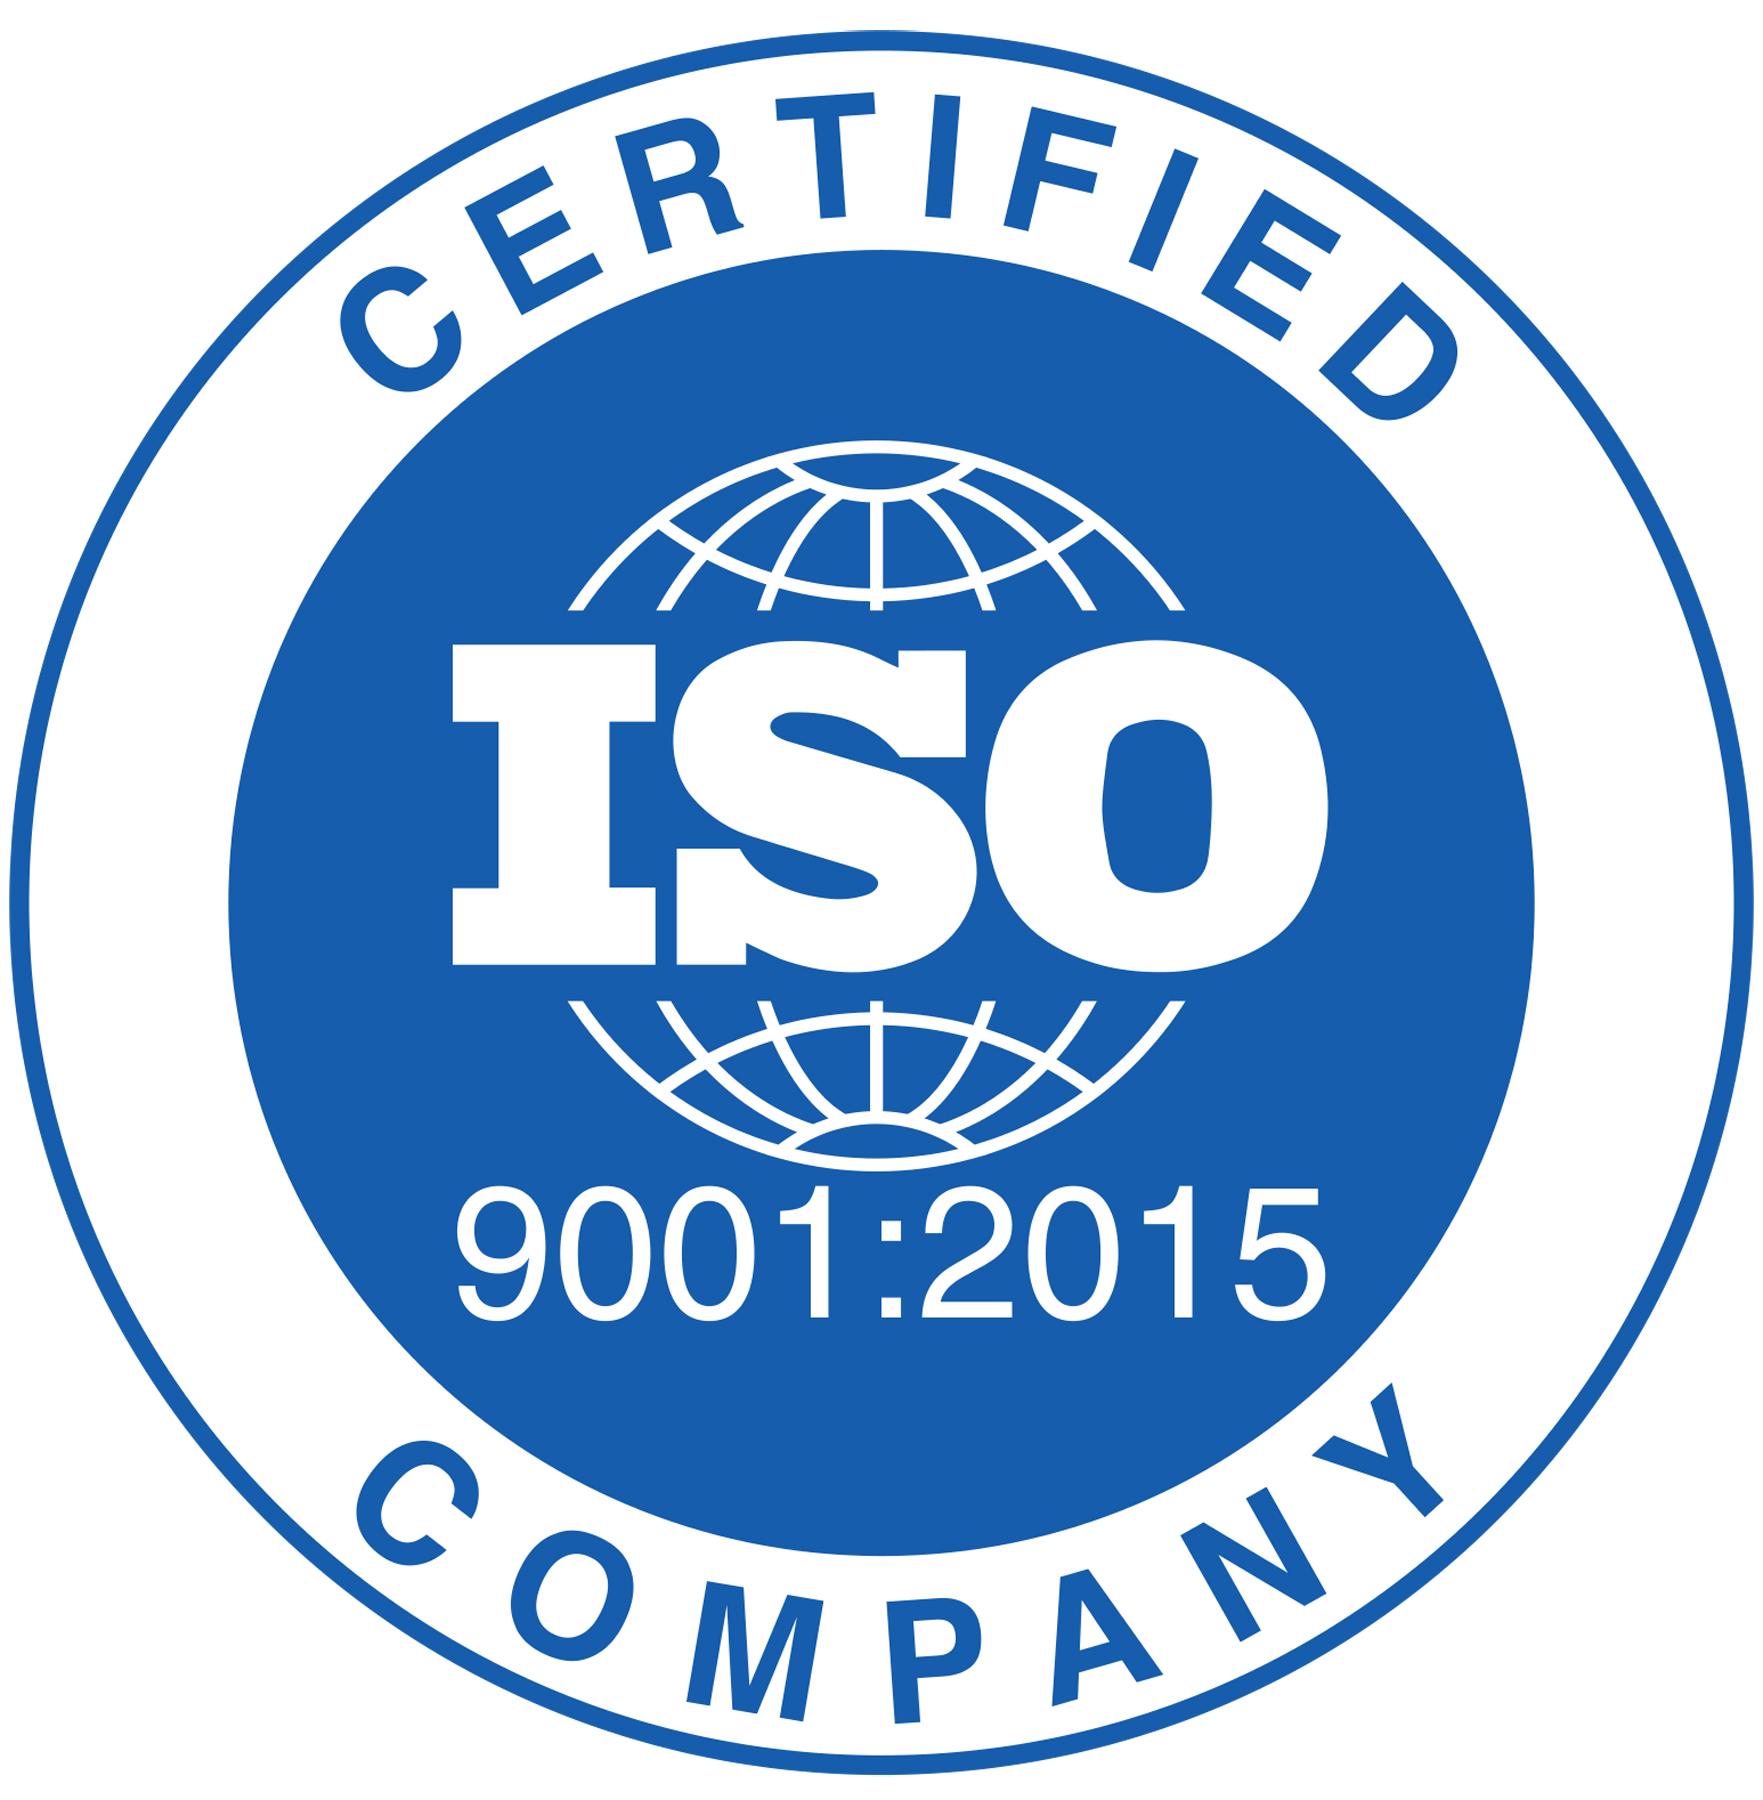 F. vd Vooren ISO 9001:2015